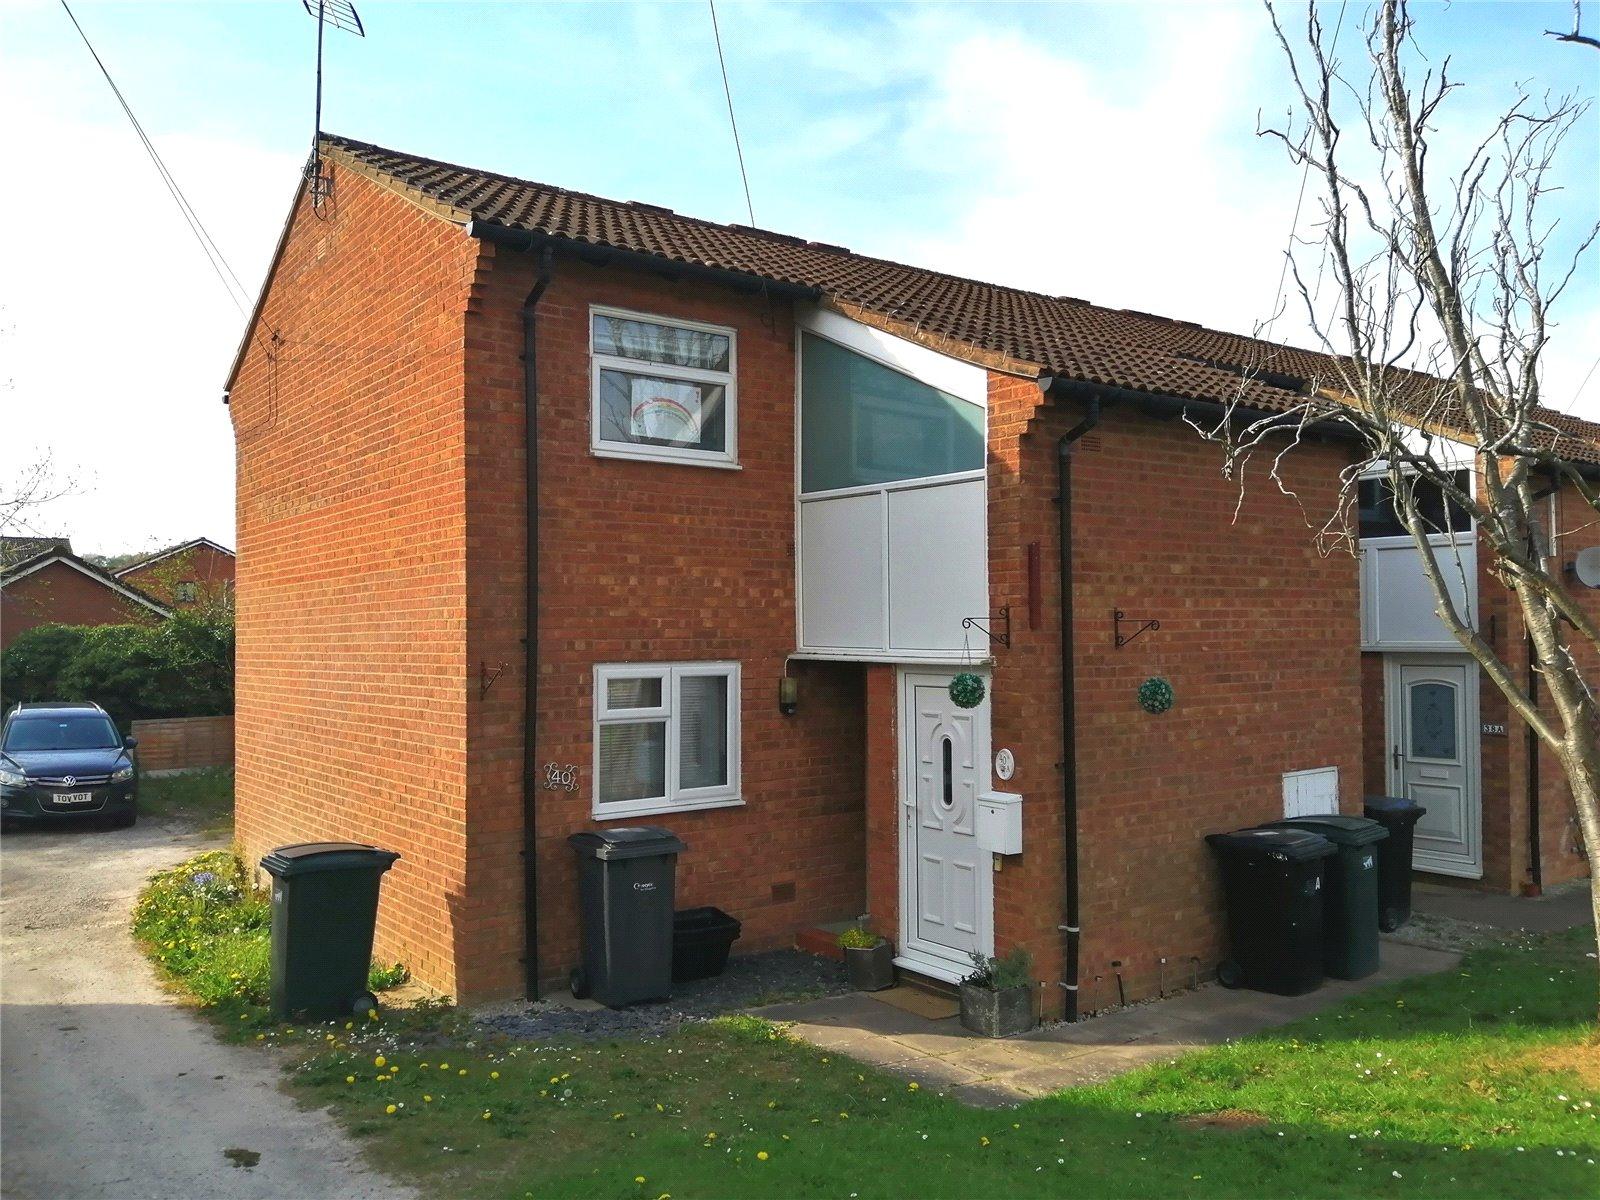 40A Hook Farm Road, Bridgnorth, Shropshire, WV16